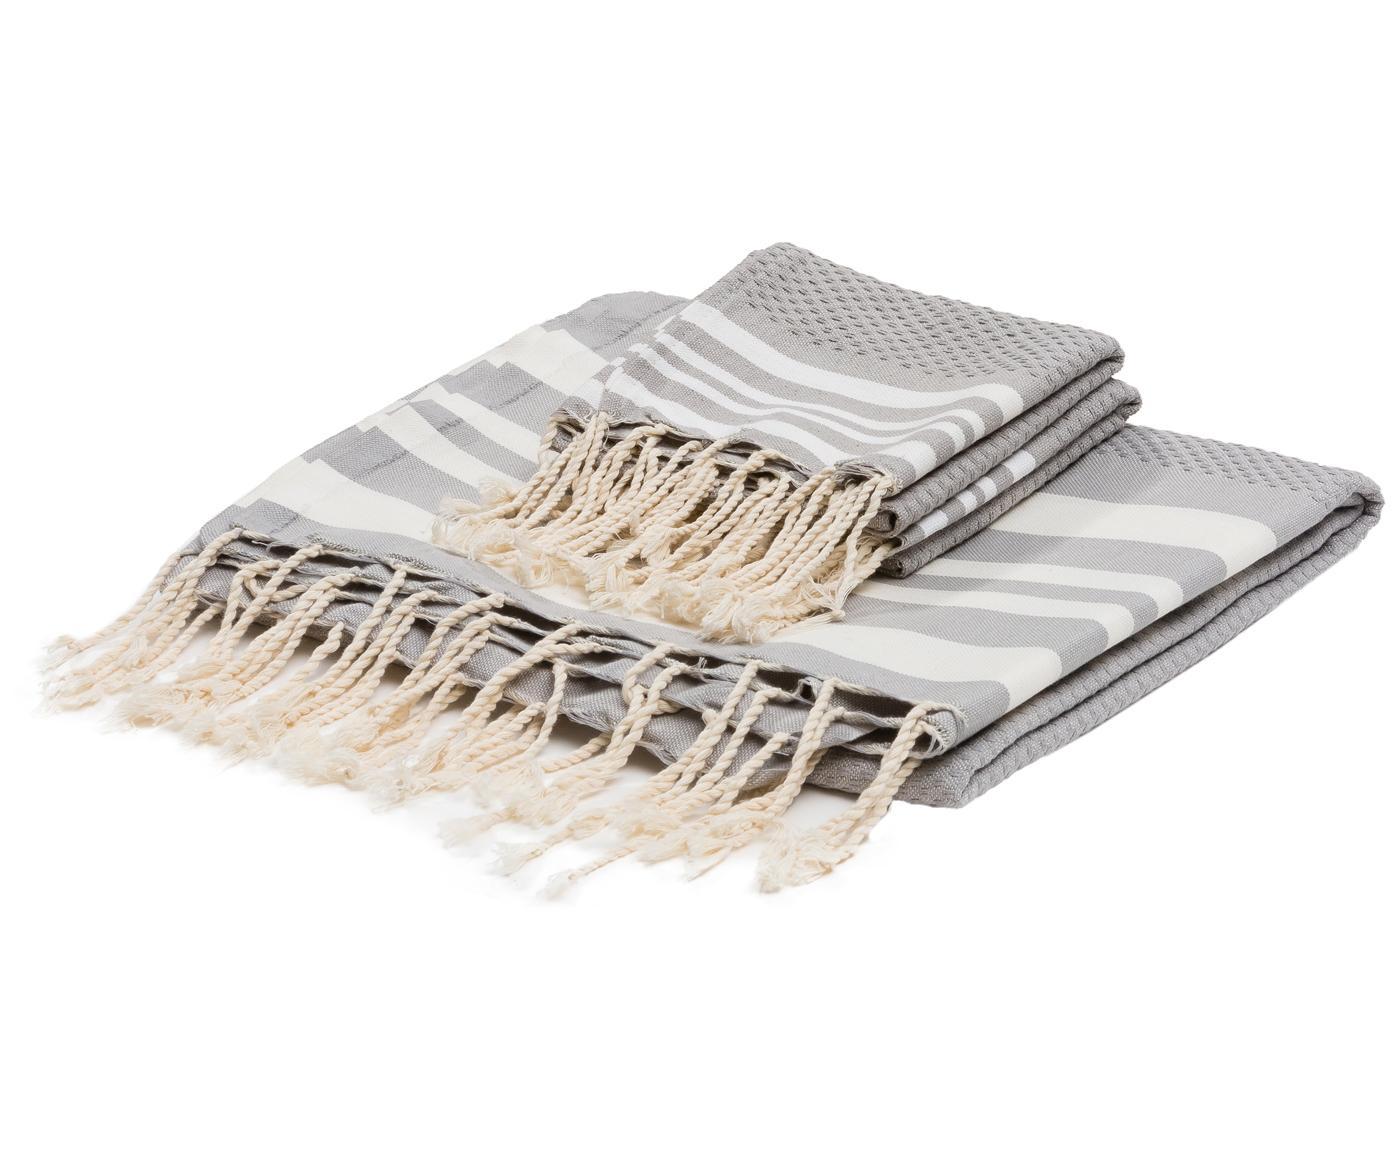 Leichtes Handtuch-Set Hamptons, 3-tlg., Perlgrau, Weiß, Sondergrößen